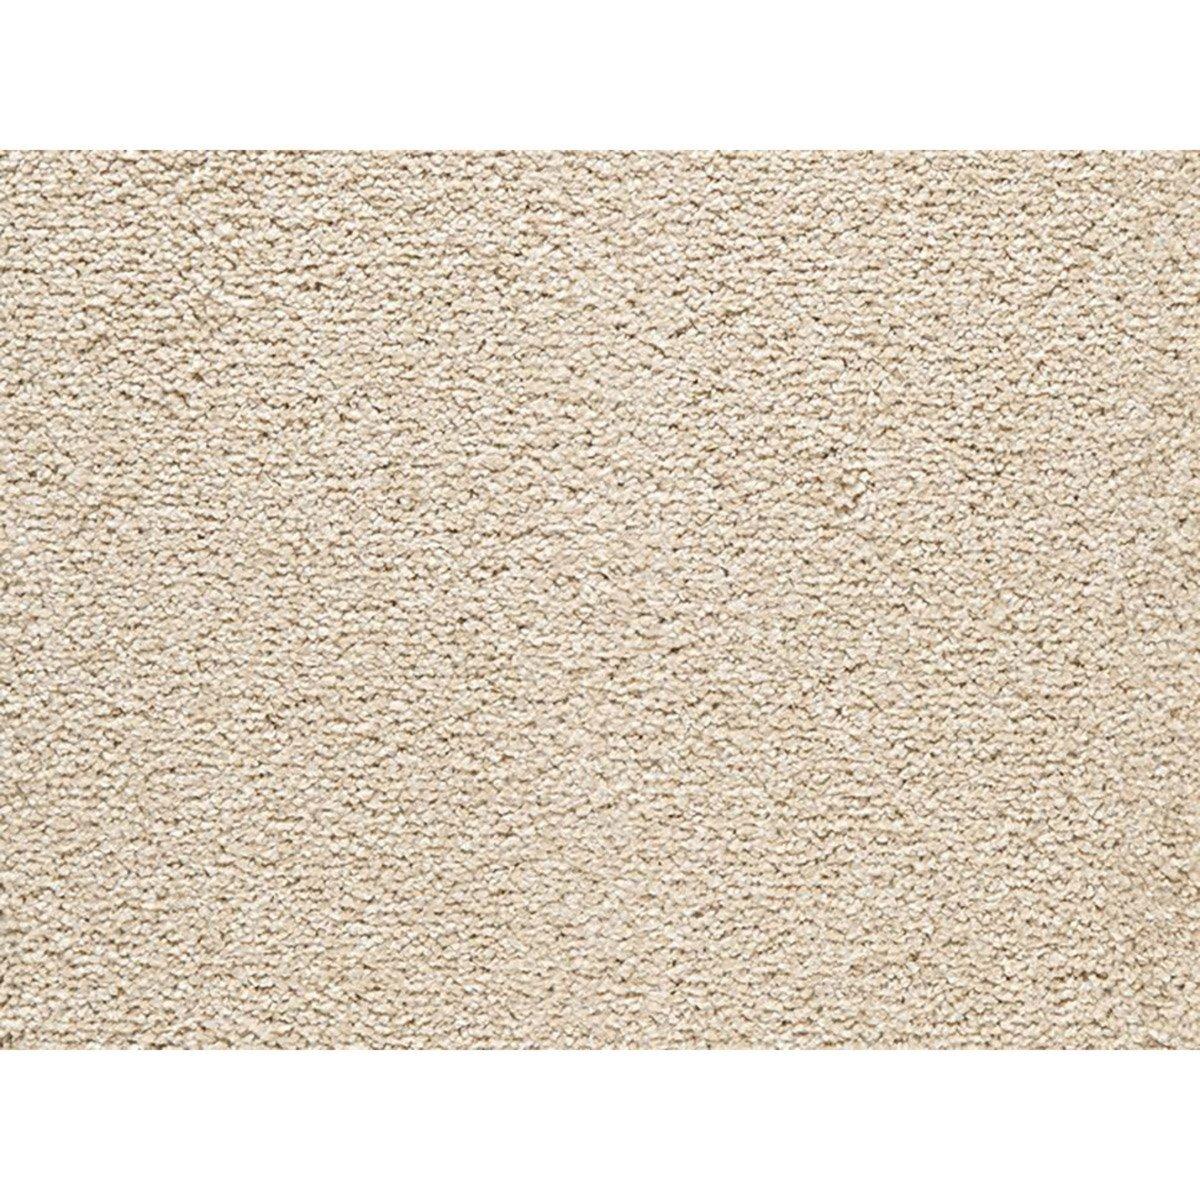 Teppichboden inverness beige 4 meter breit for Kuchenzeile 4 meter breit